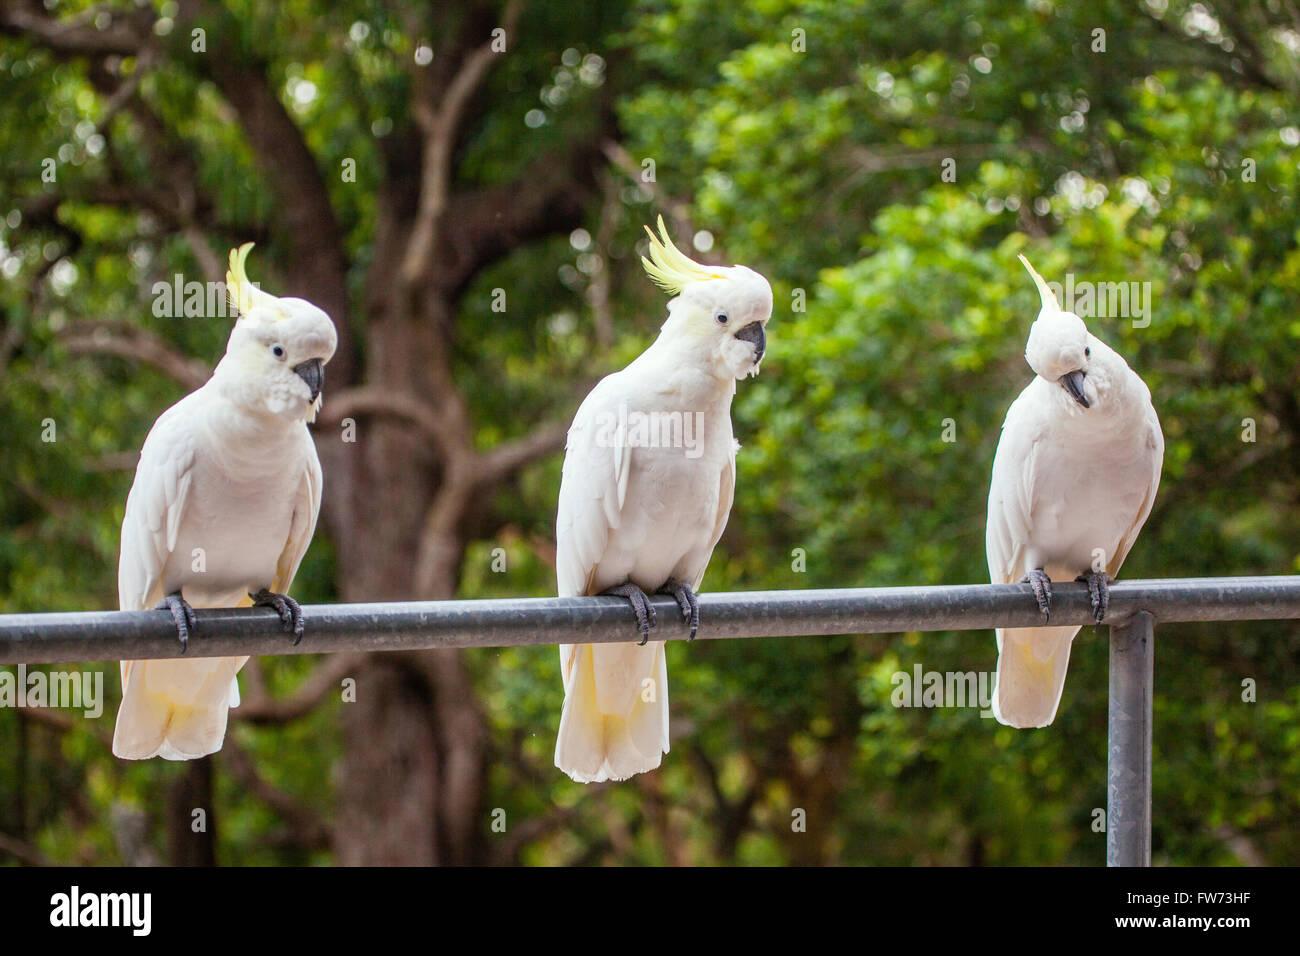 Three in a row, Sulphur-crested cockatoos, Cacatua galerita - Stock Image